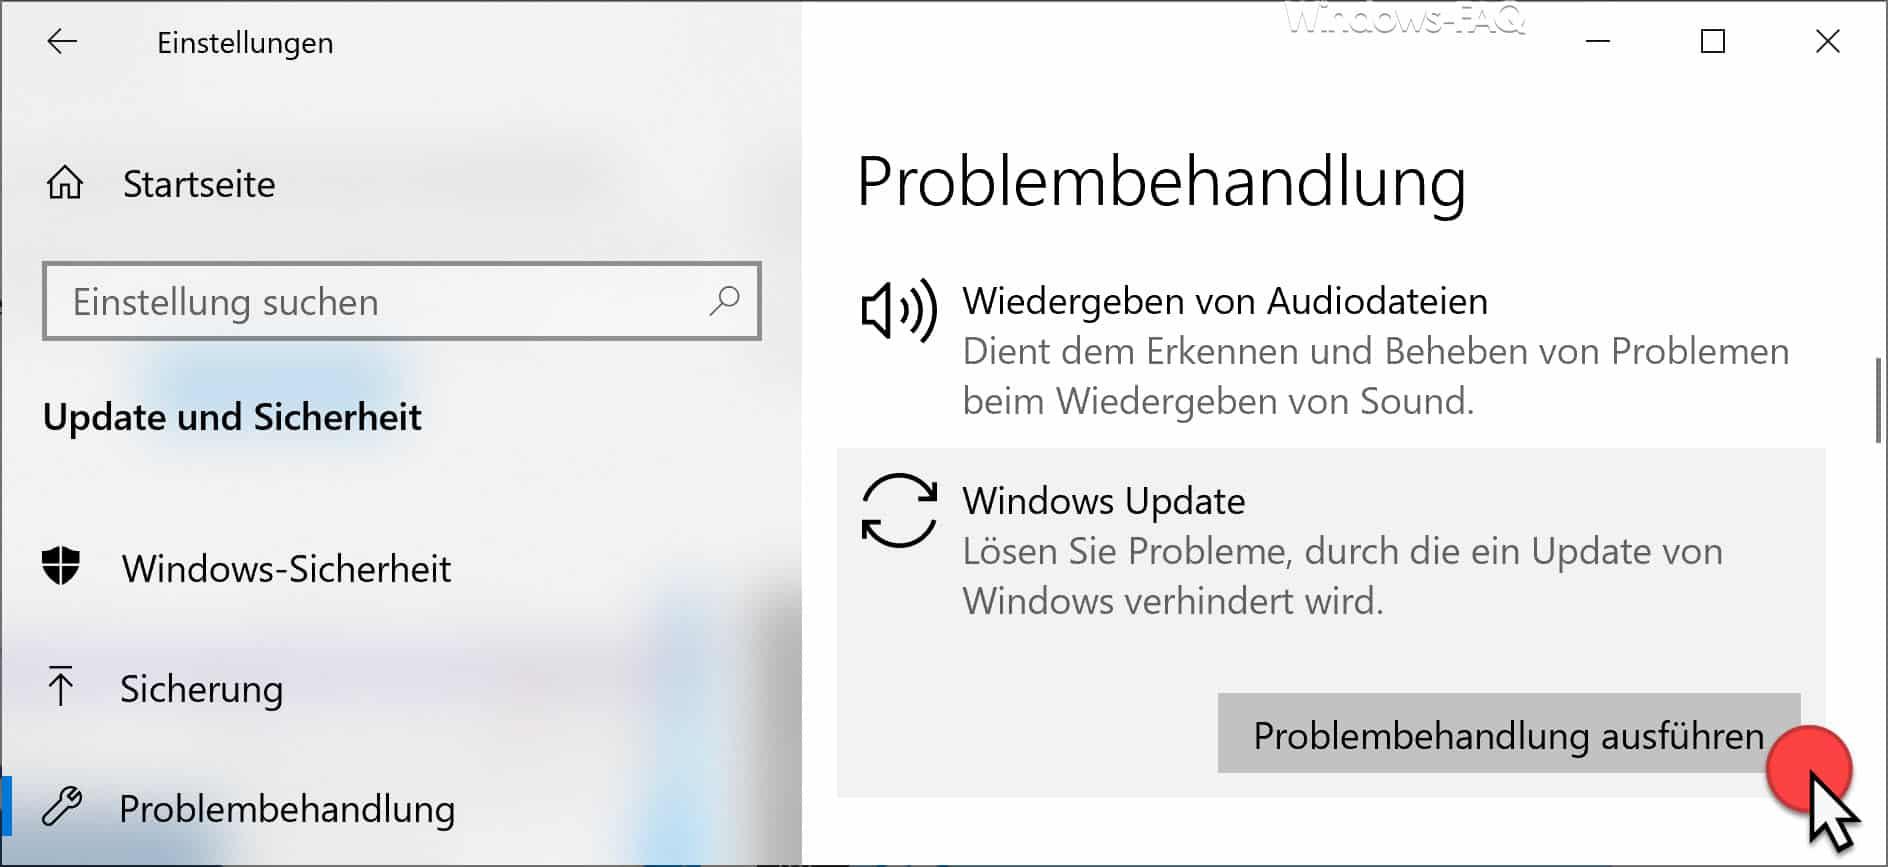 Windows Update Problembehandlung